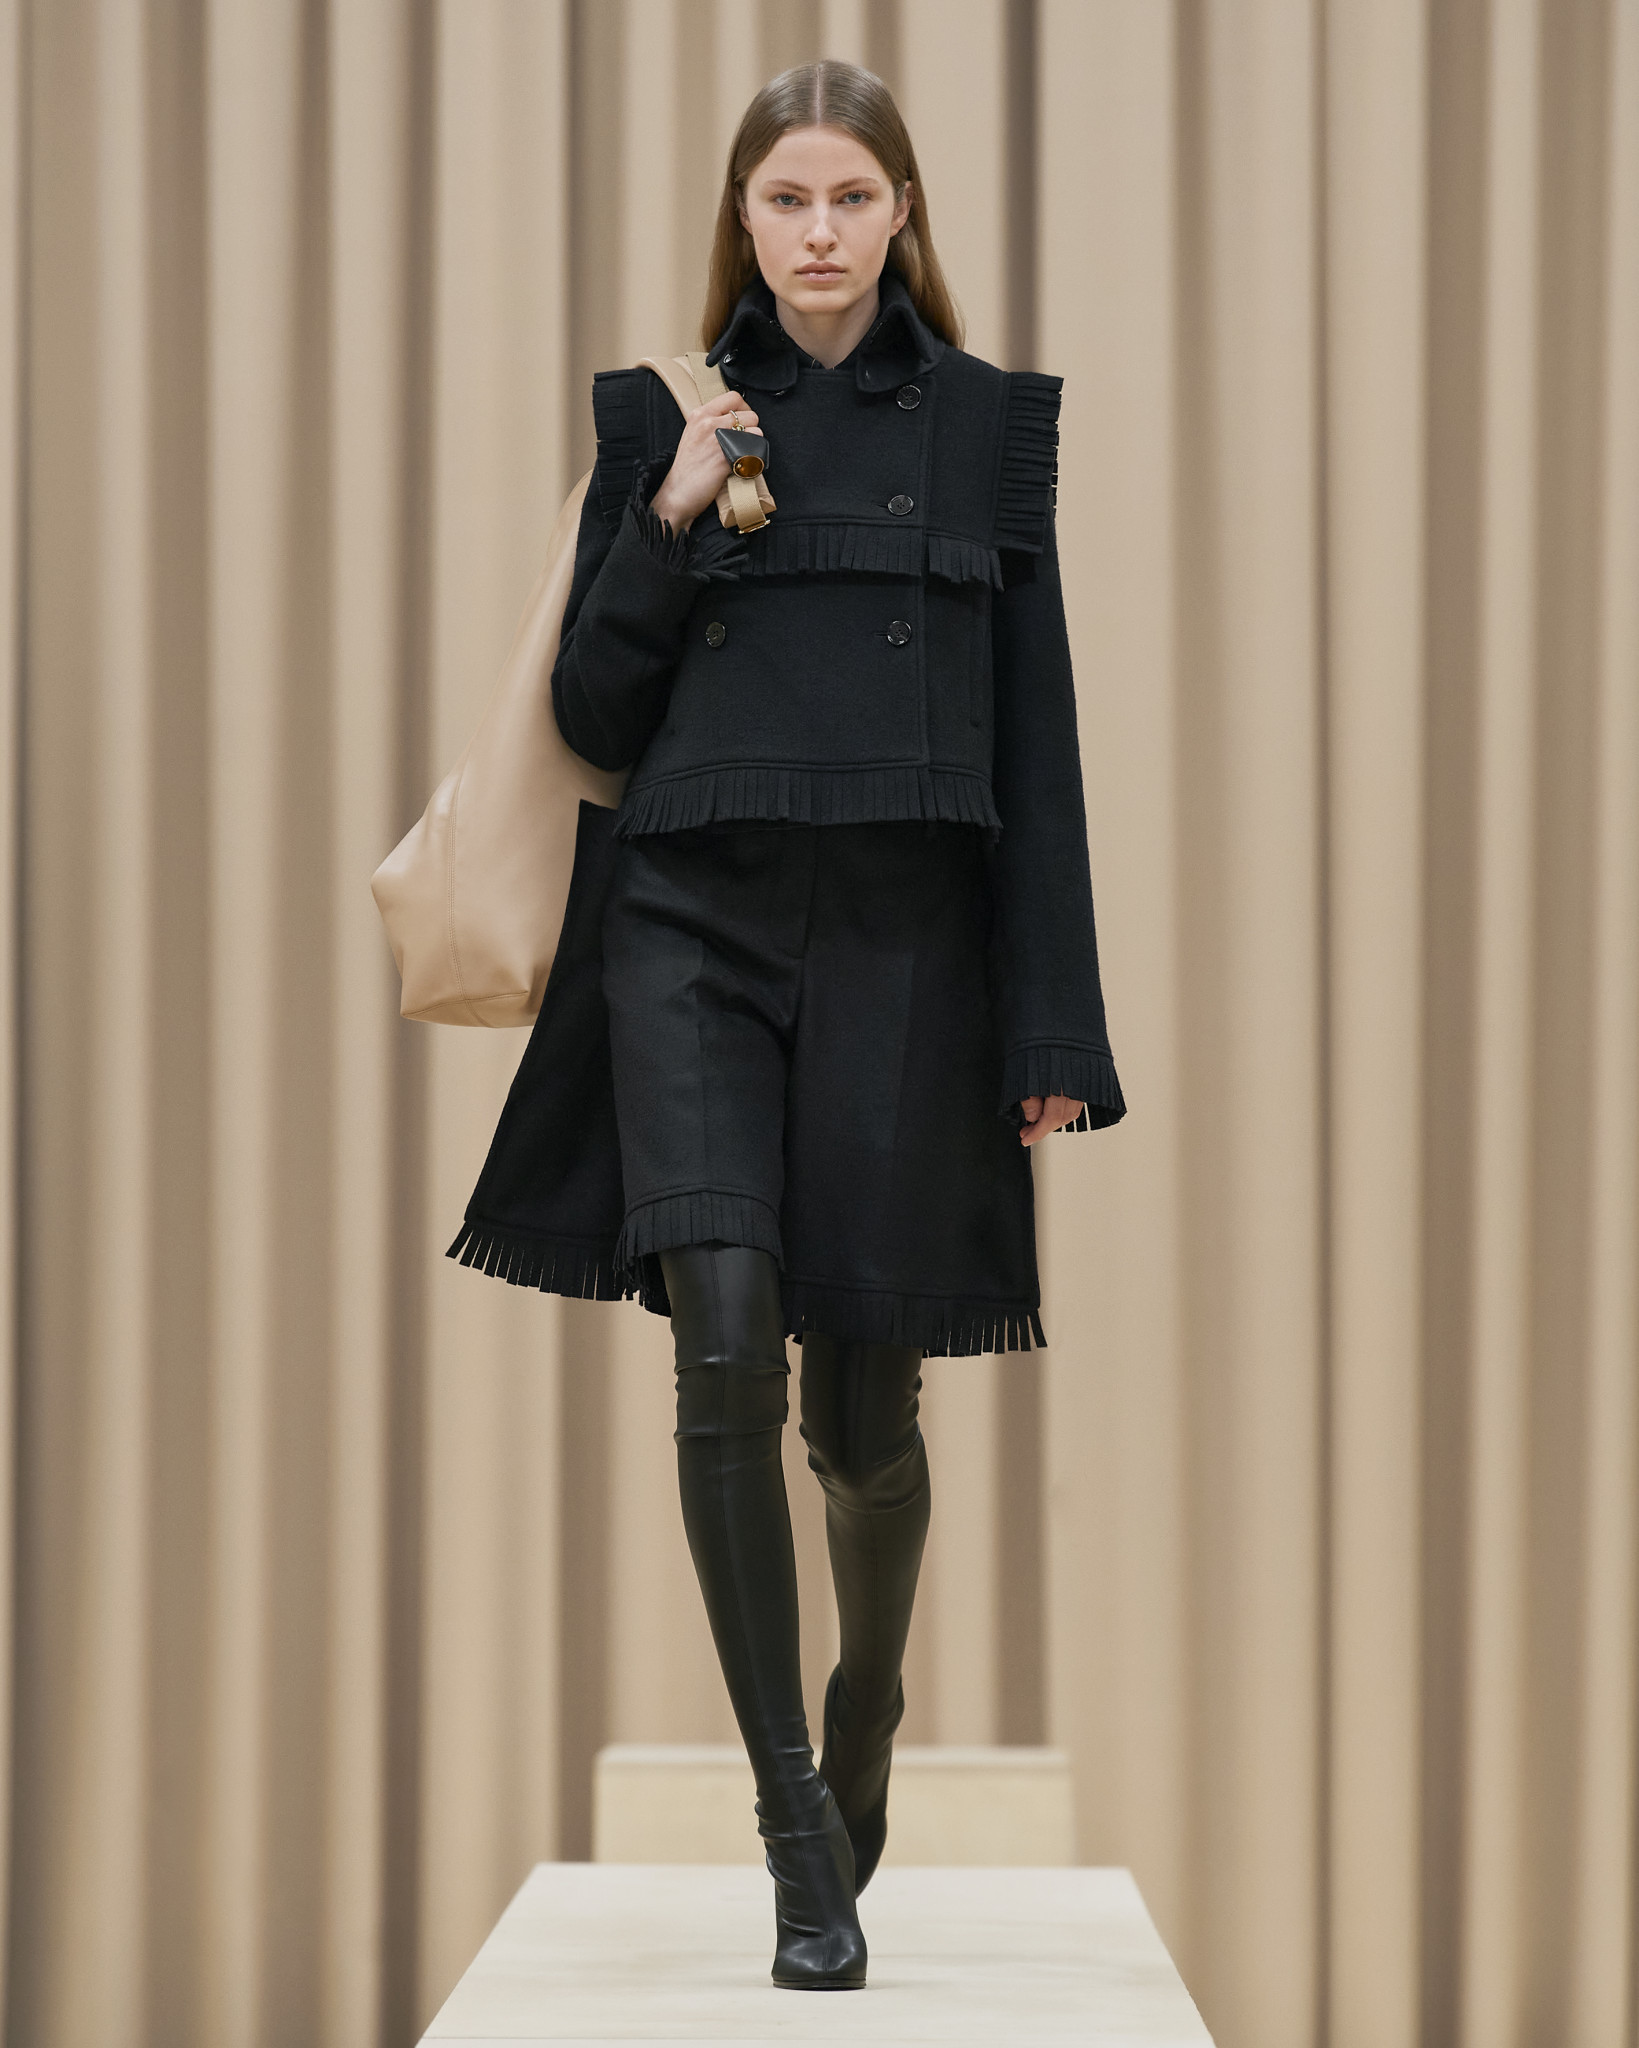 Burberry AW 2021 Womenswear